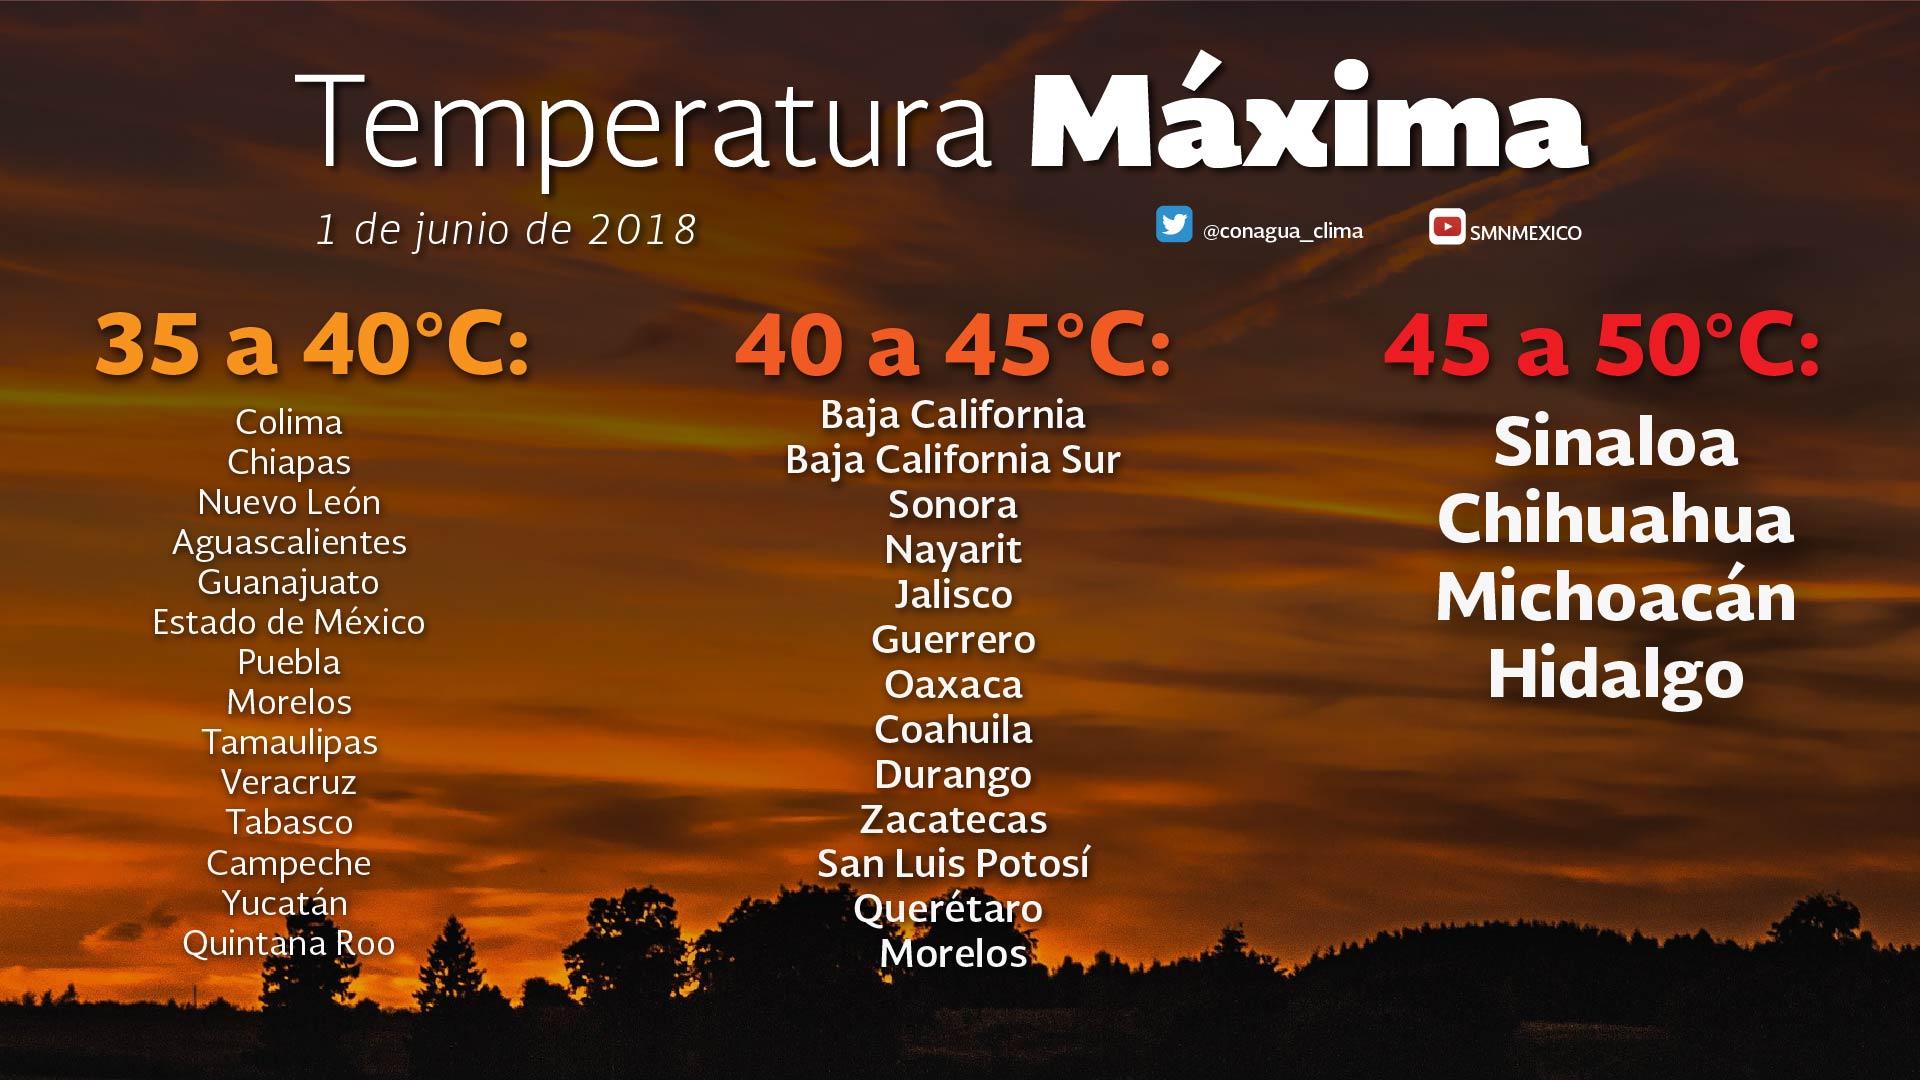 Reporte de temperatura del 1 de junio expedido por el SMN ante la Ola de calor